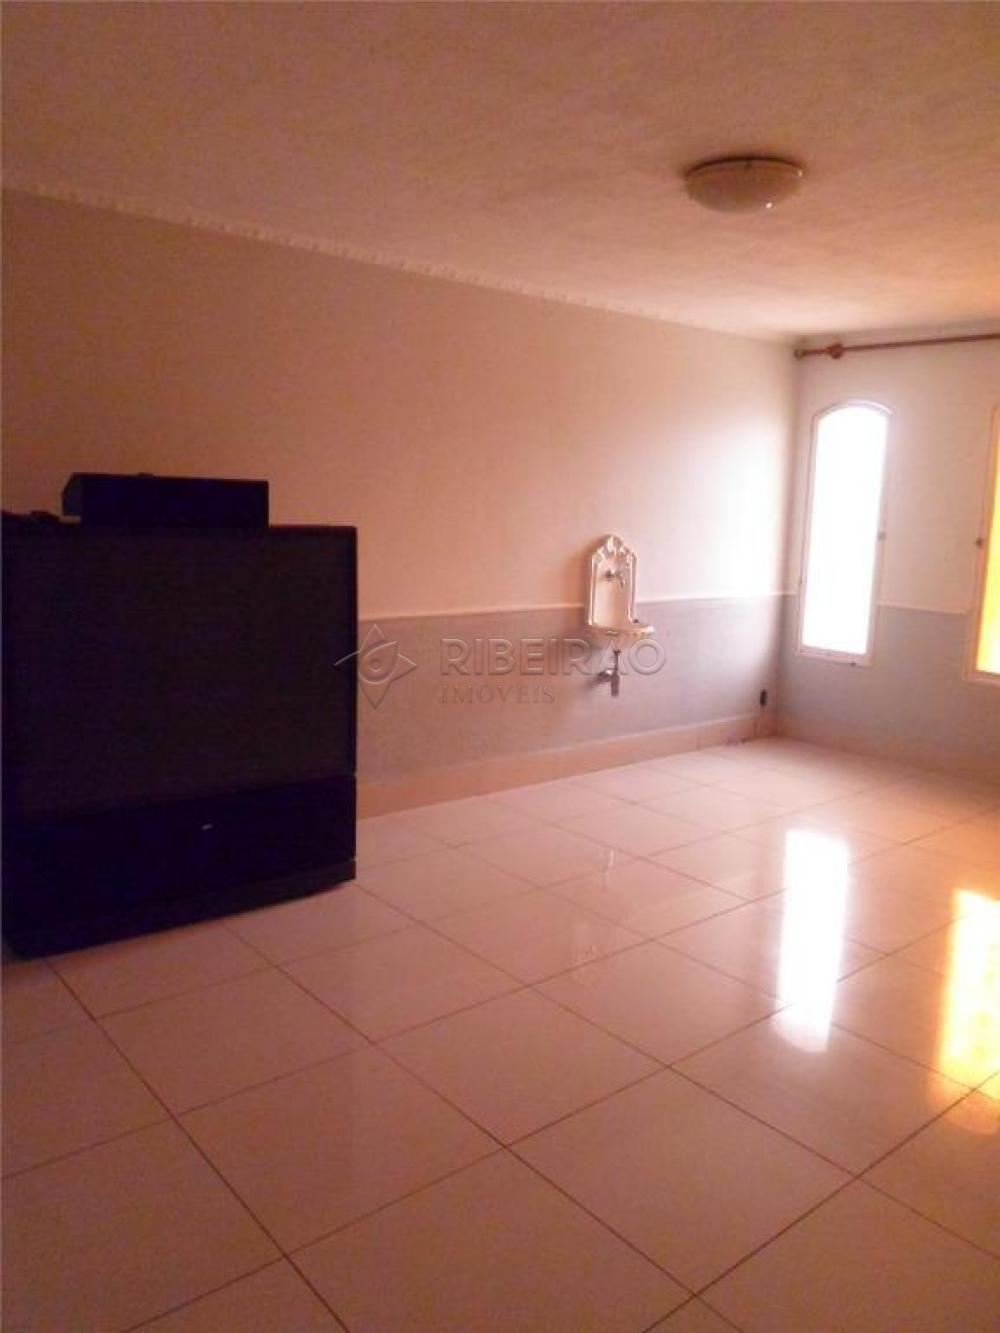 Alugar Casa / Padrão em Ribeirão Preto apenas R$ 15.000,00 - Foto 5